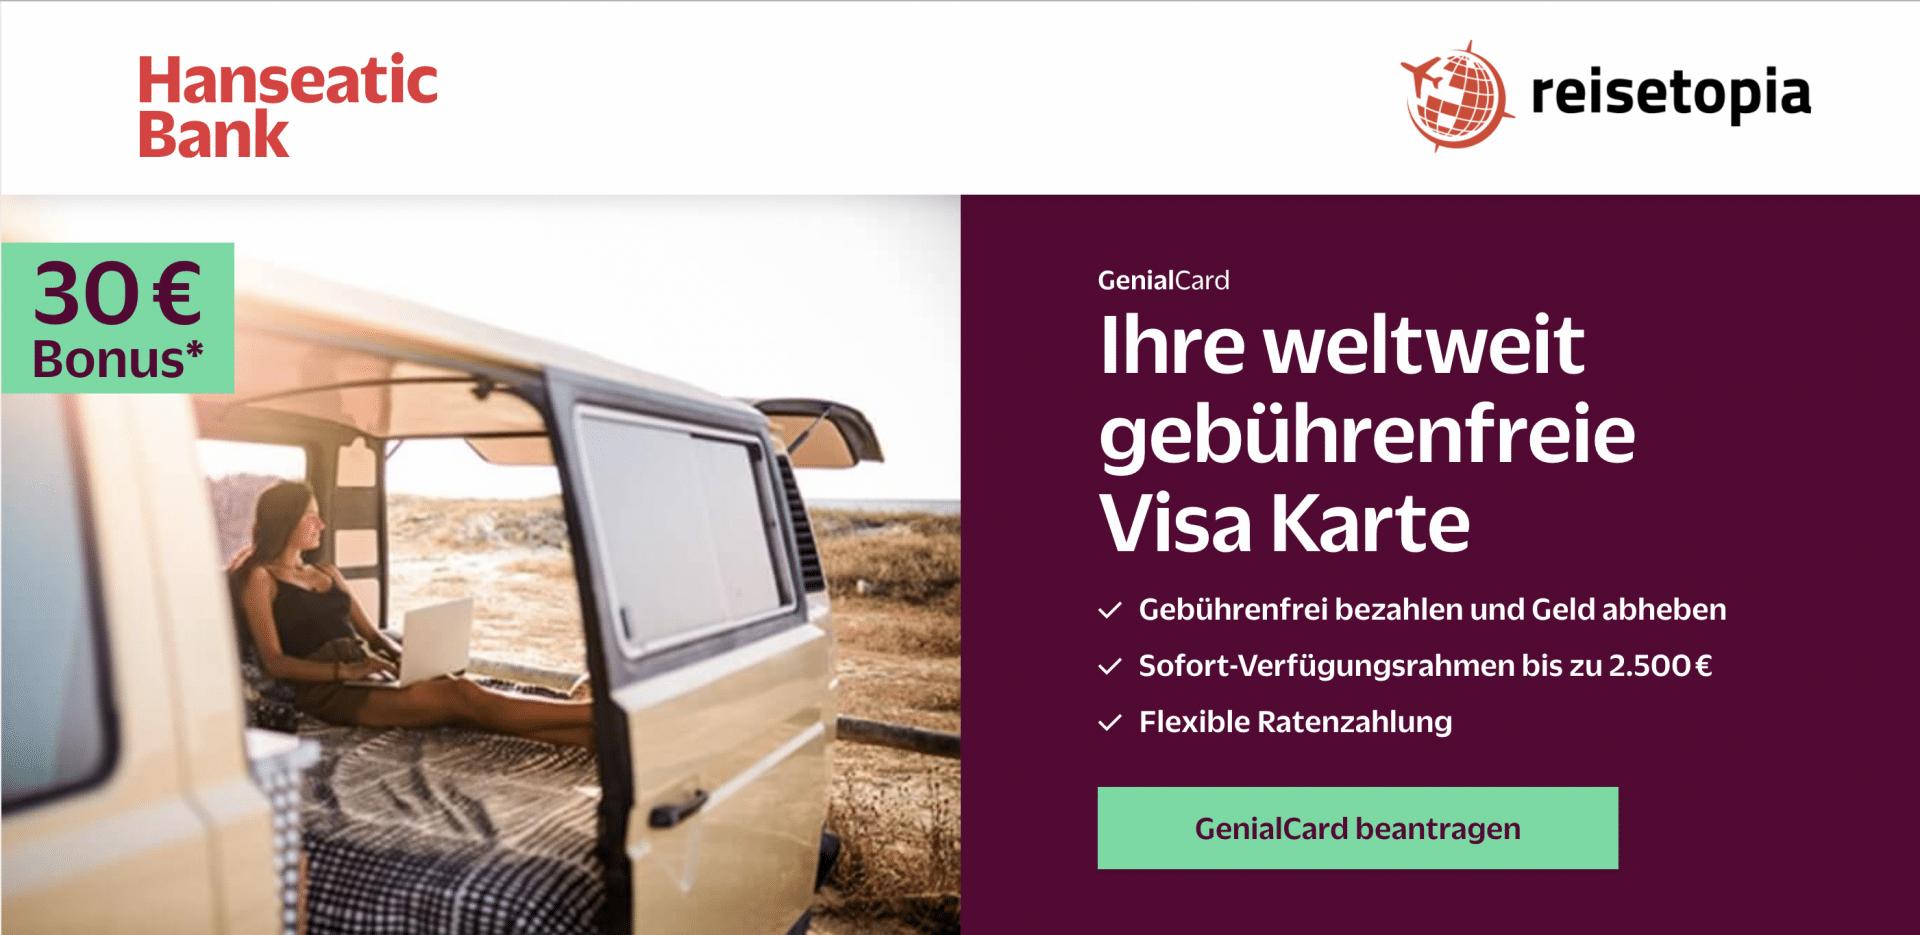 GenialCard Kreditkarte Ohne Jahresgebühr 20 € Guthaben Hanseatic Bank